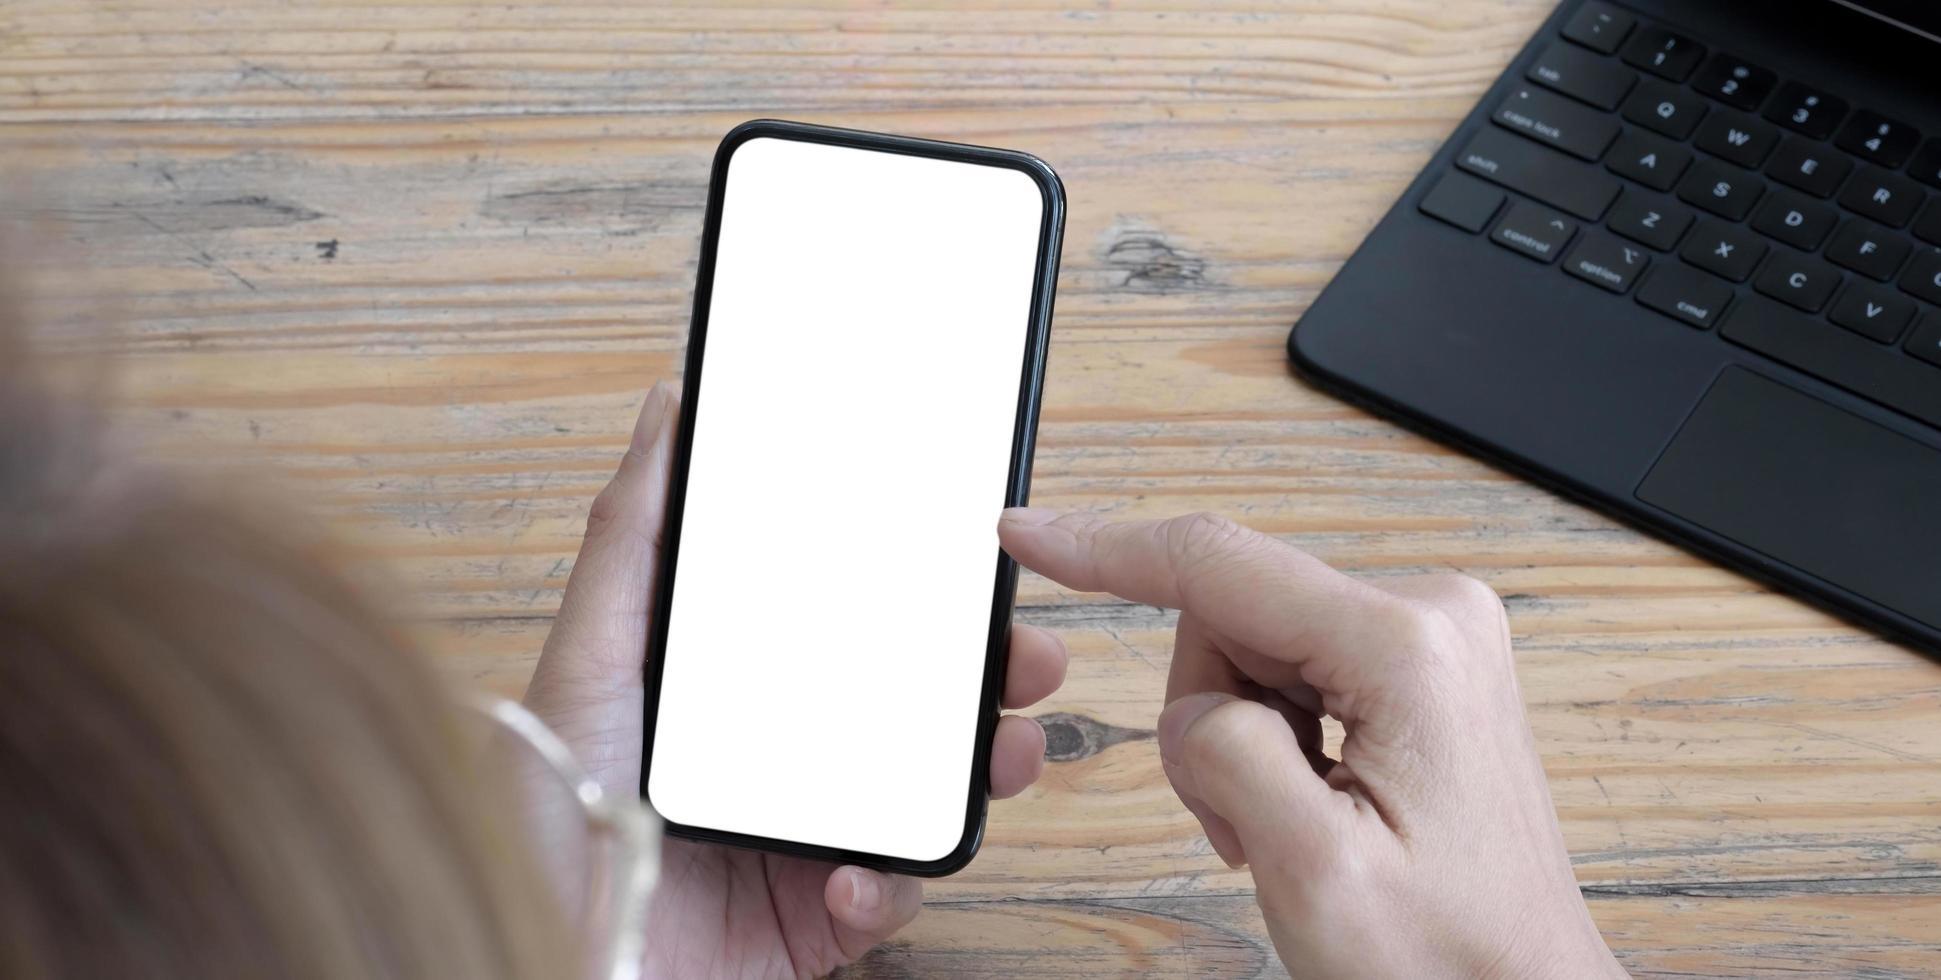 mockup bild tom vit skärm mobiltelefon. kvinnor hand håller textning med mobil på skrivbordet på hemmakontoret. foto